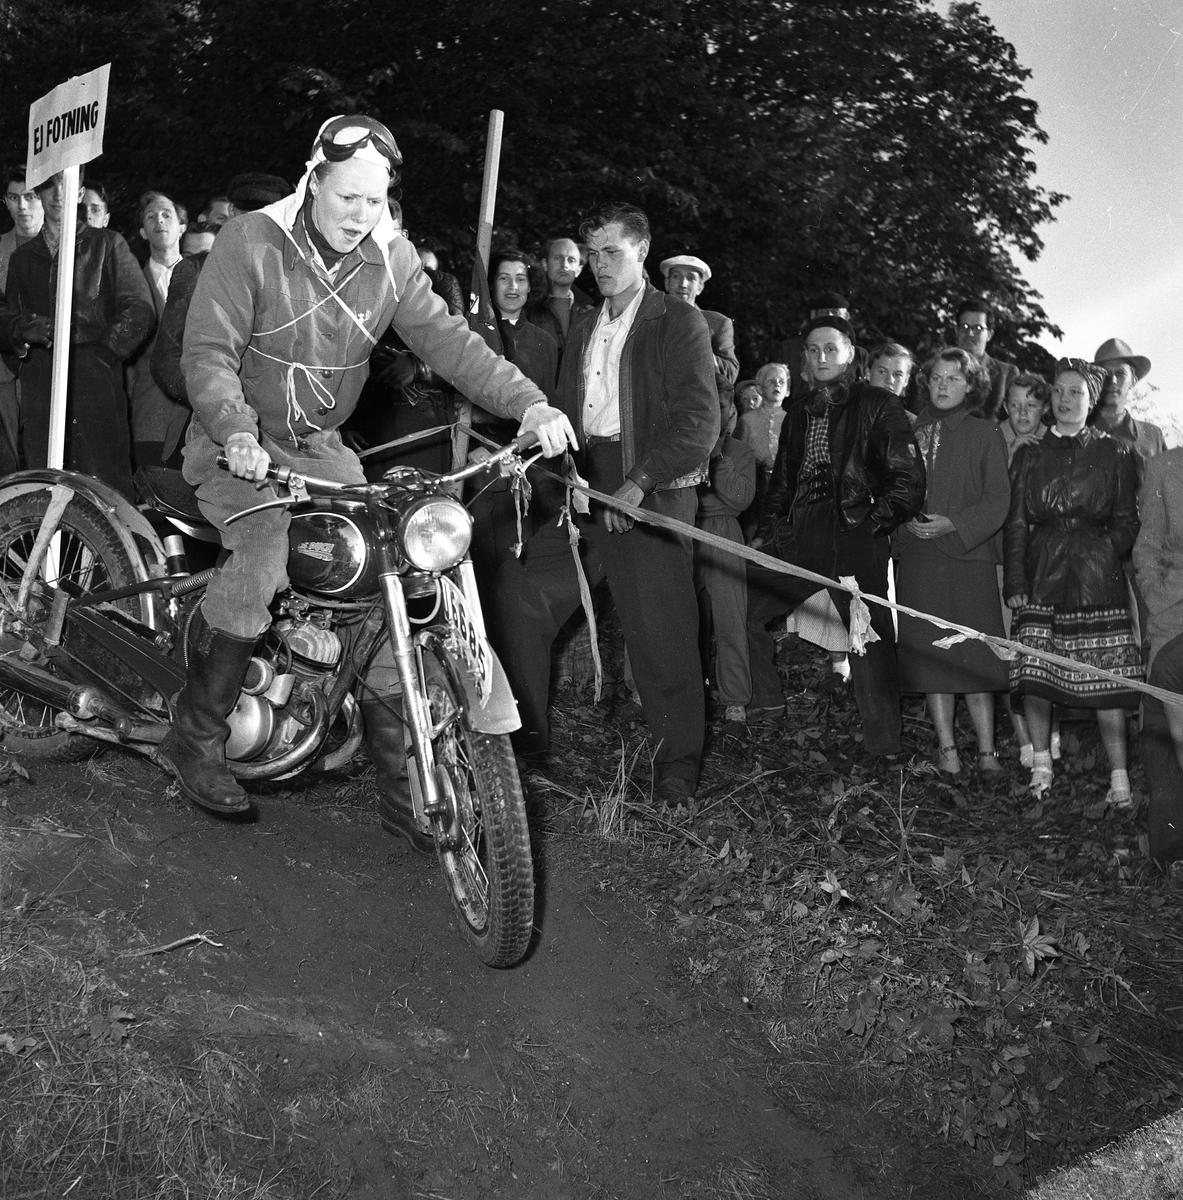 Arbogas Stjärnknutte. Tävling i terrängkörning med motorcykel. Publiken, kvinnor och män, står alldeles intill banan.